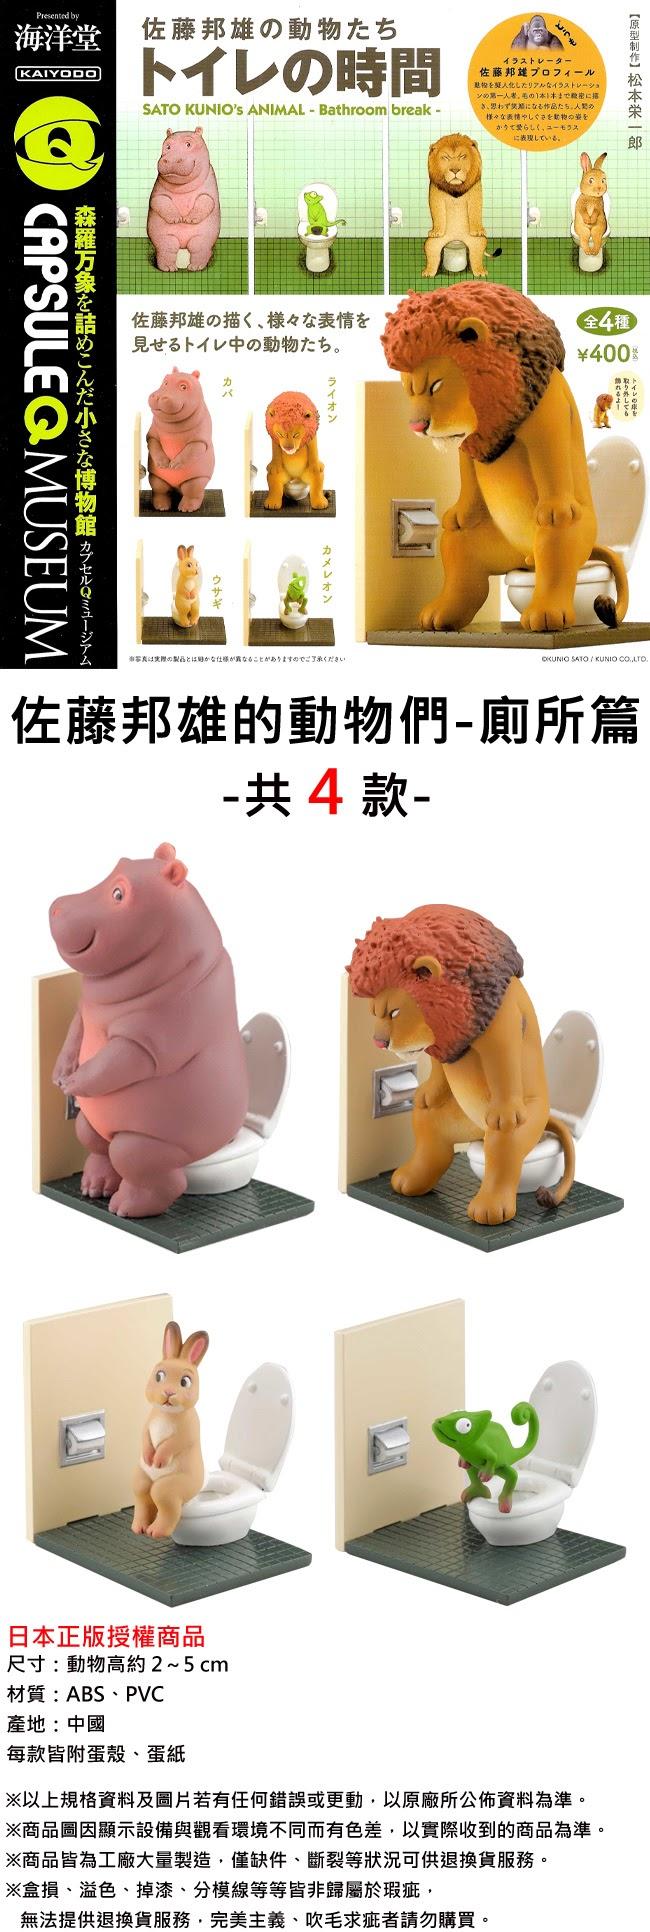 全套4款 佐藤邦雄的動物們 廁所篇 扭蛋 轉蛋 膠囊Q博物館 海洋堂 KAIYODO 日本正版【083128】